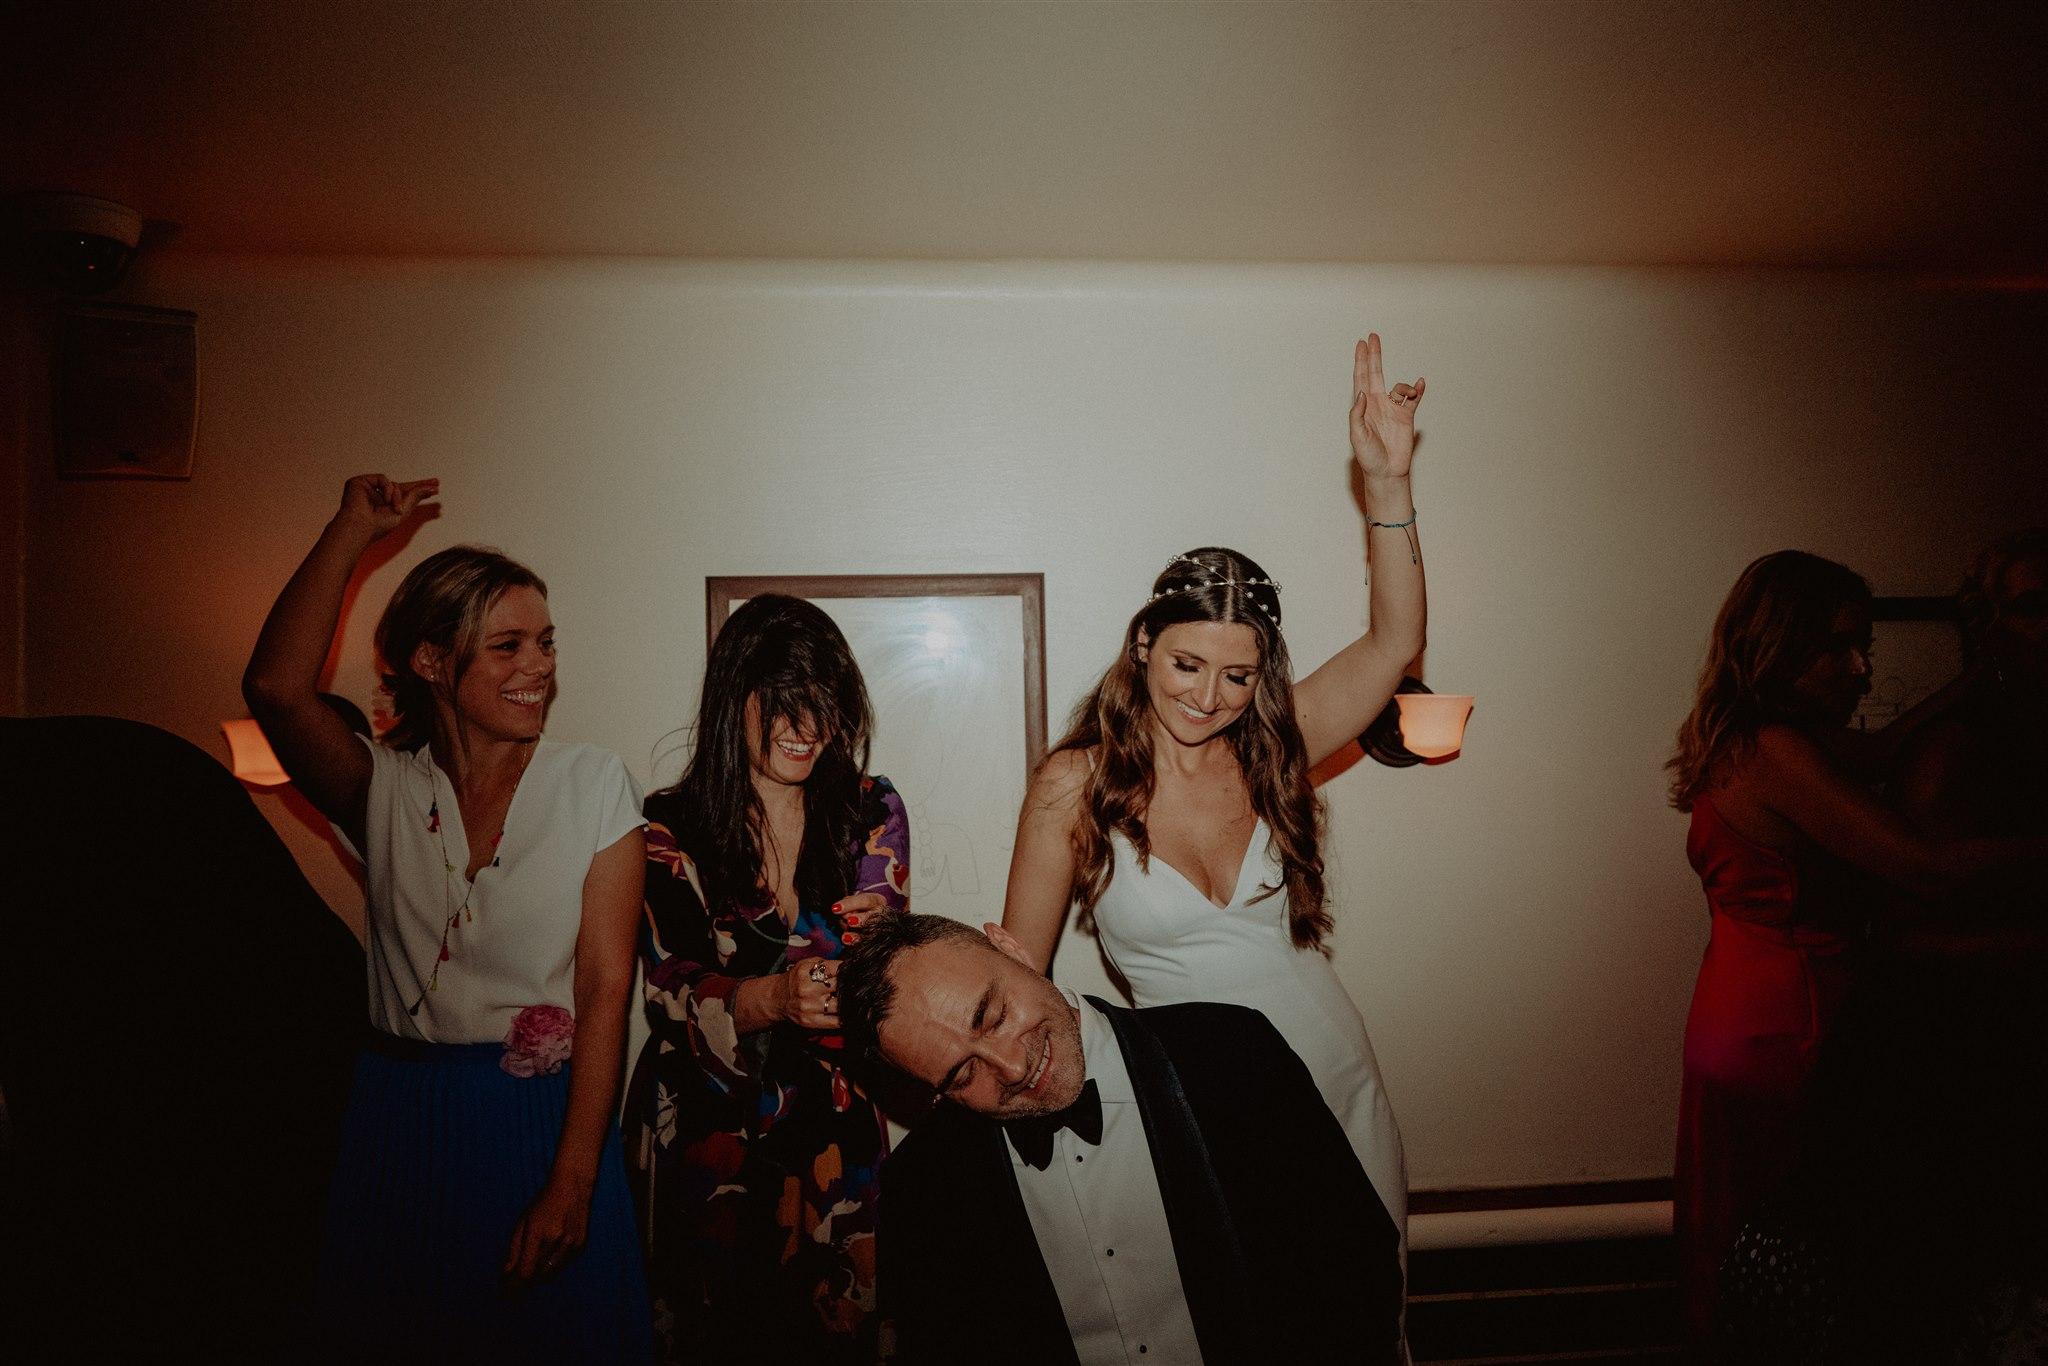 Chellise_Michael_Photography_Ramona_Brooklyn_Wedding_Photographer-736.jpg